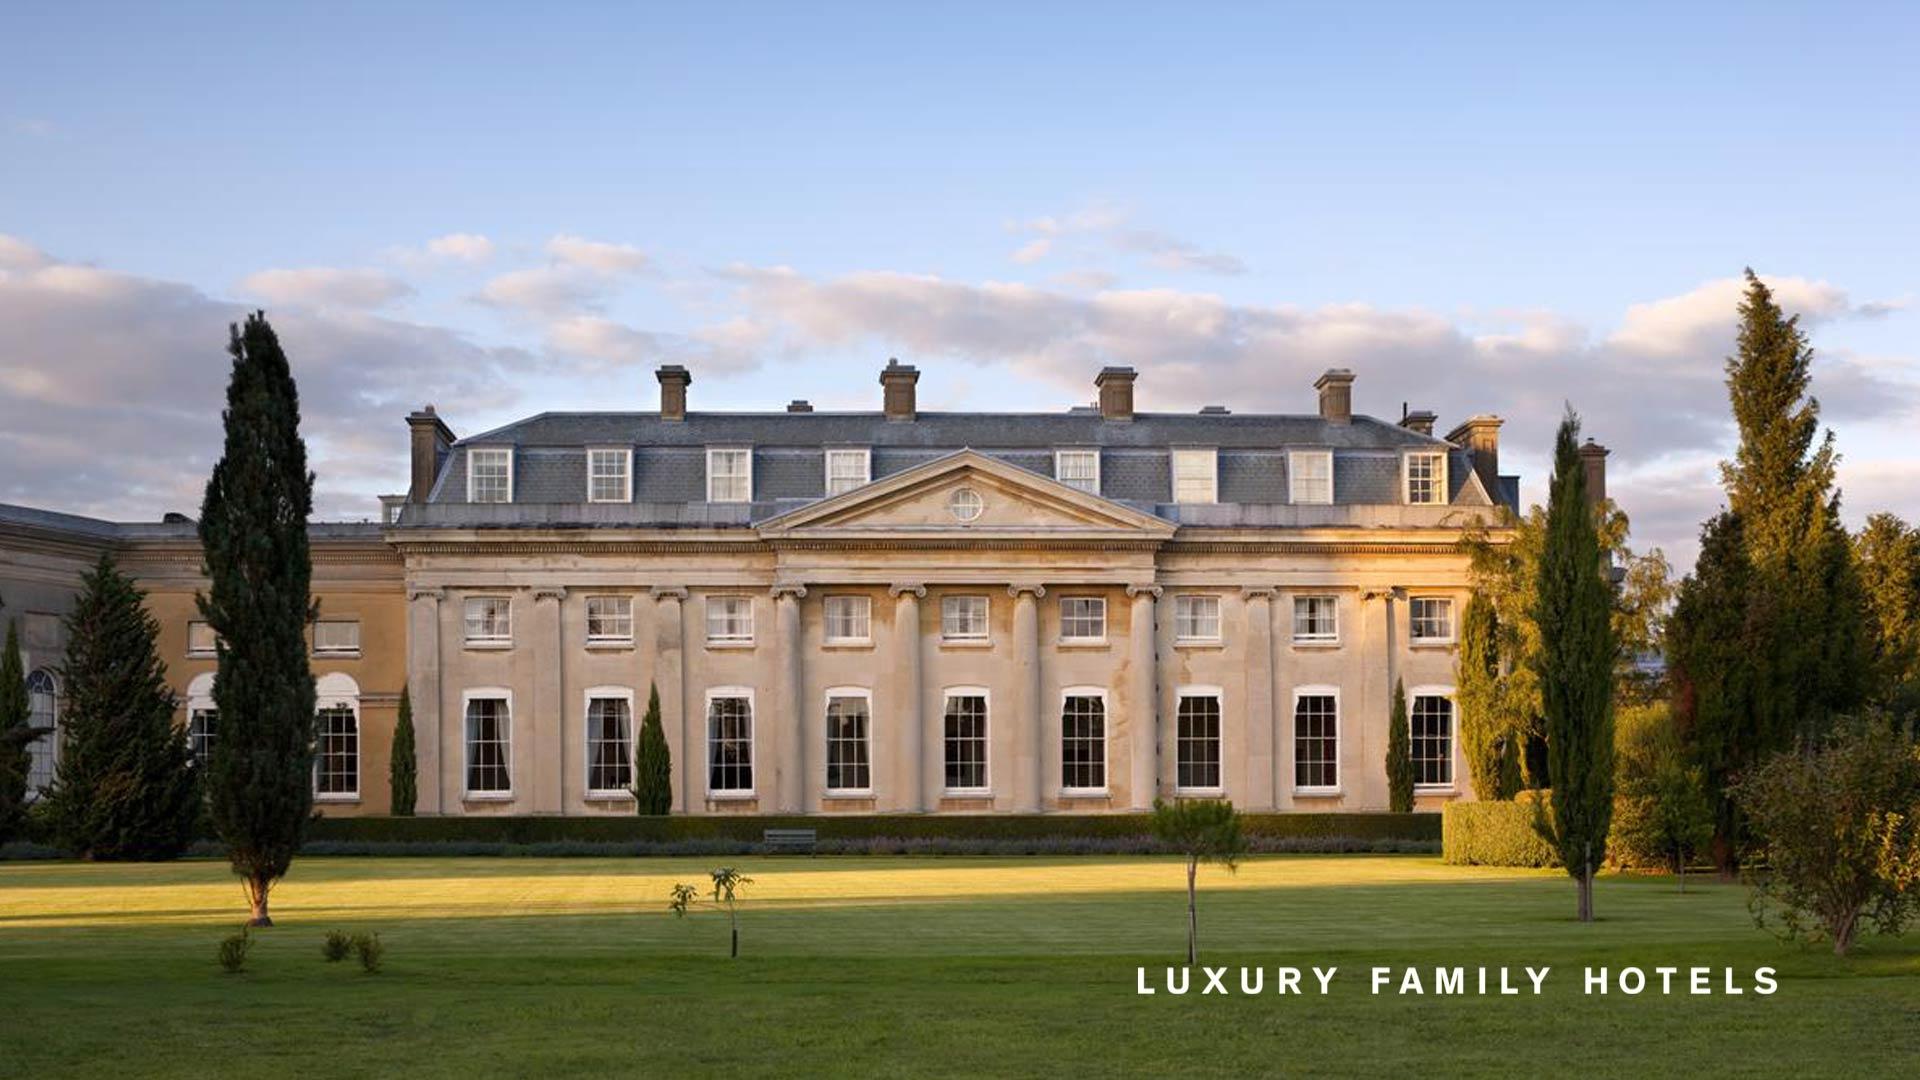 Luxury Family Hotels - Ickworth